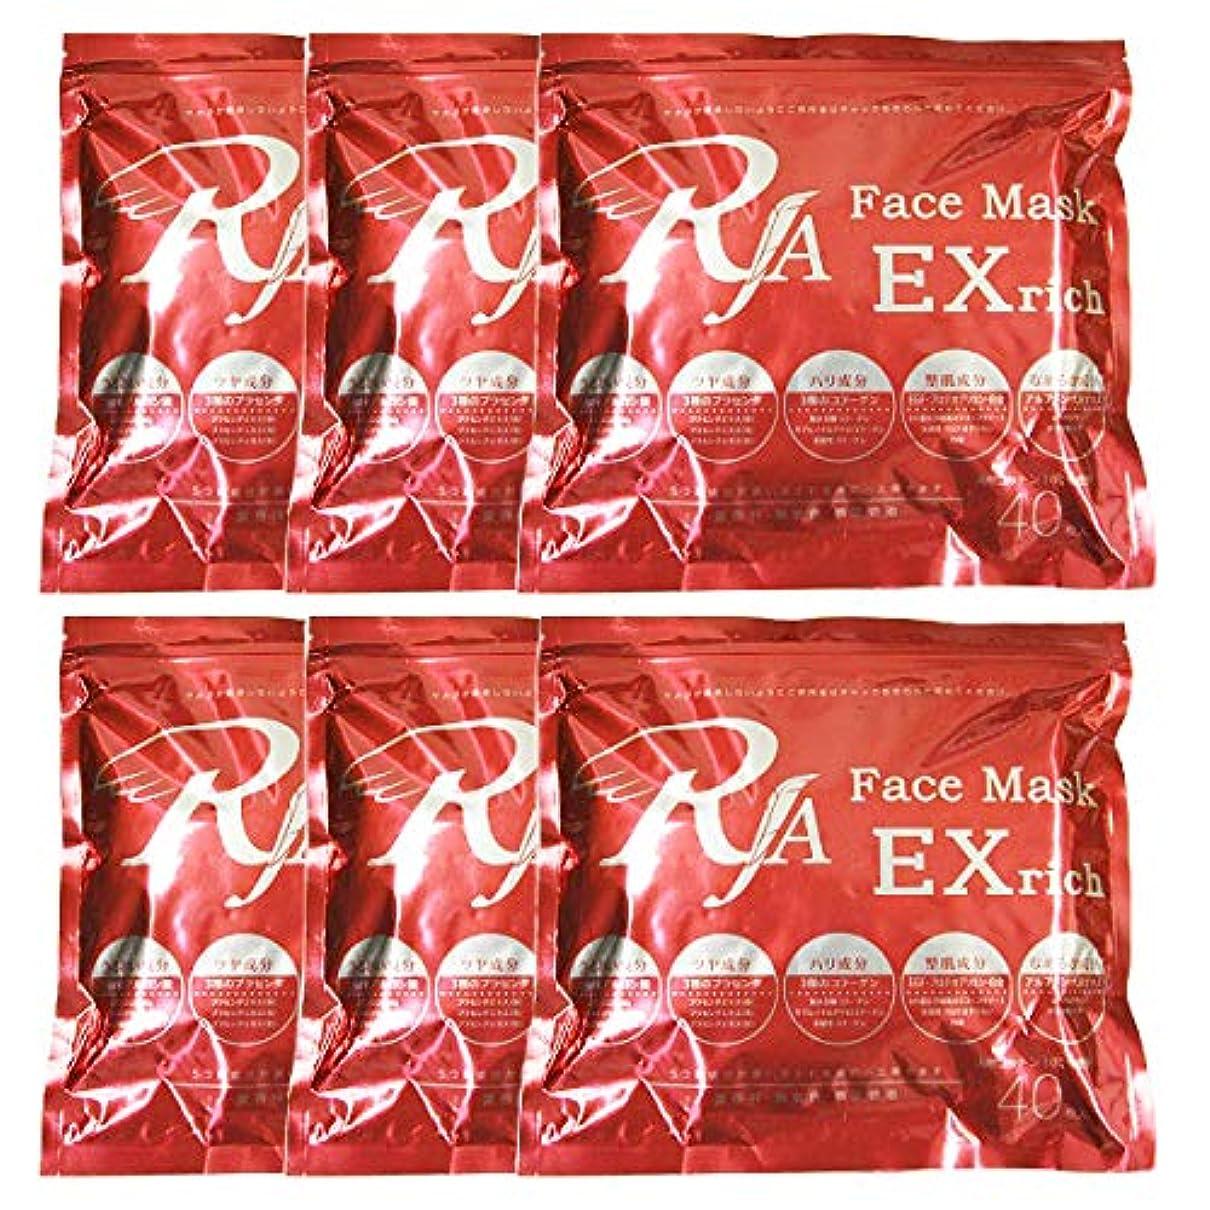 夜明け広々とした発生TBS公式/RJA フェイス マスク EXrich 240枚入(40枚×6袋) エステ使用の実力派フェイスマスク!1枚に約11mlもの美容液